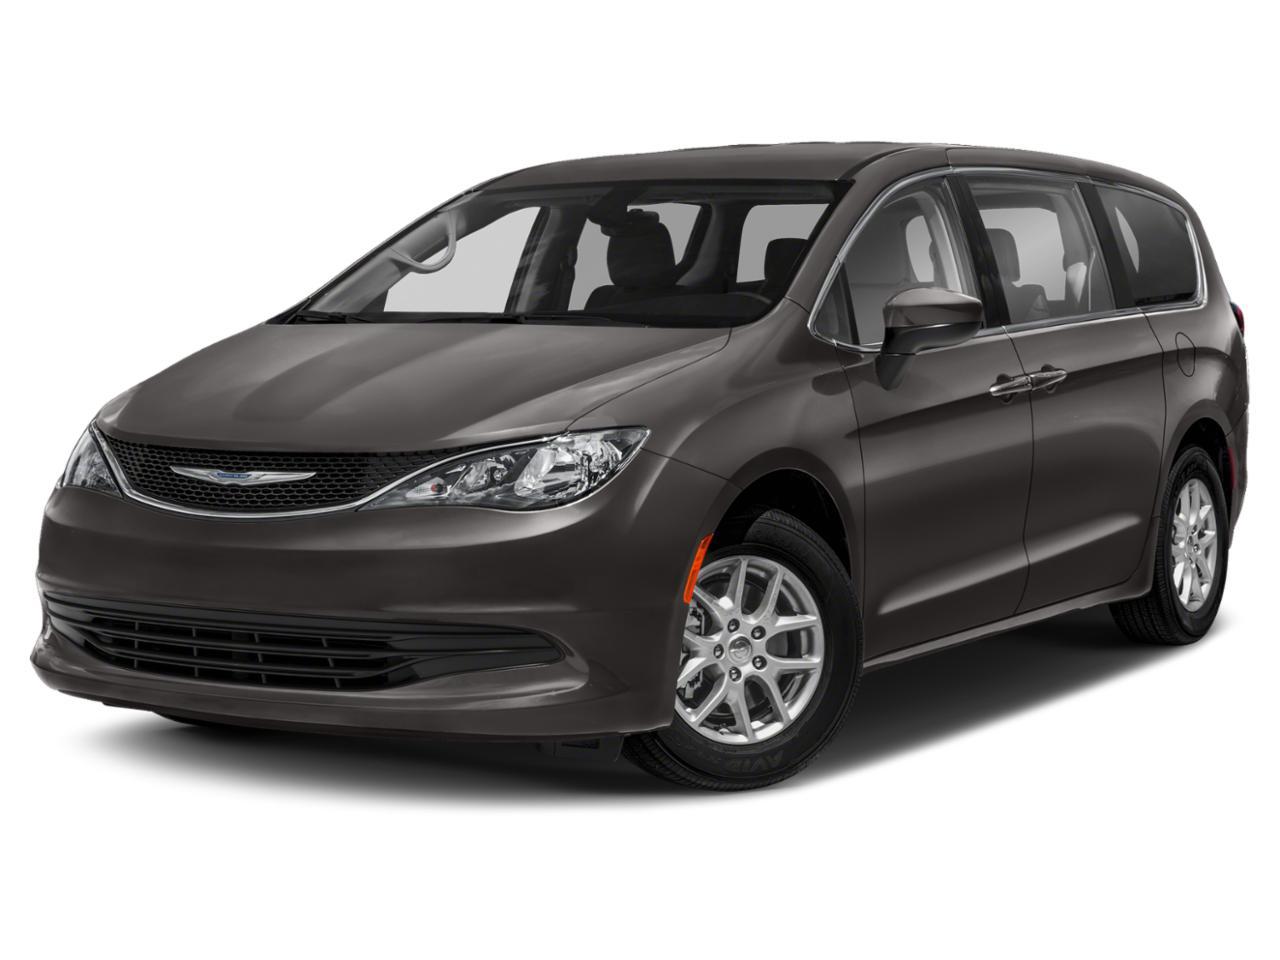 2019 Chrysler Pacifica L Minivan Slide